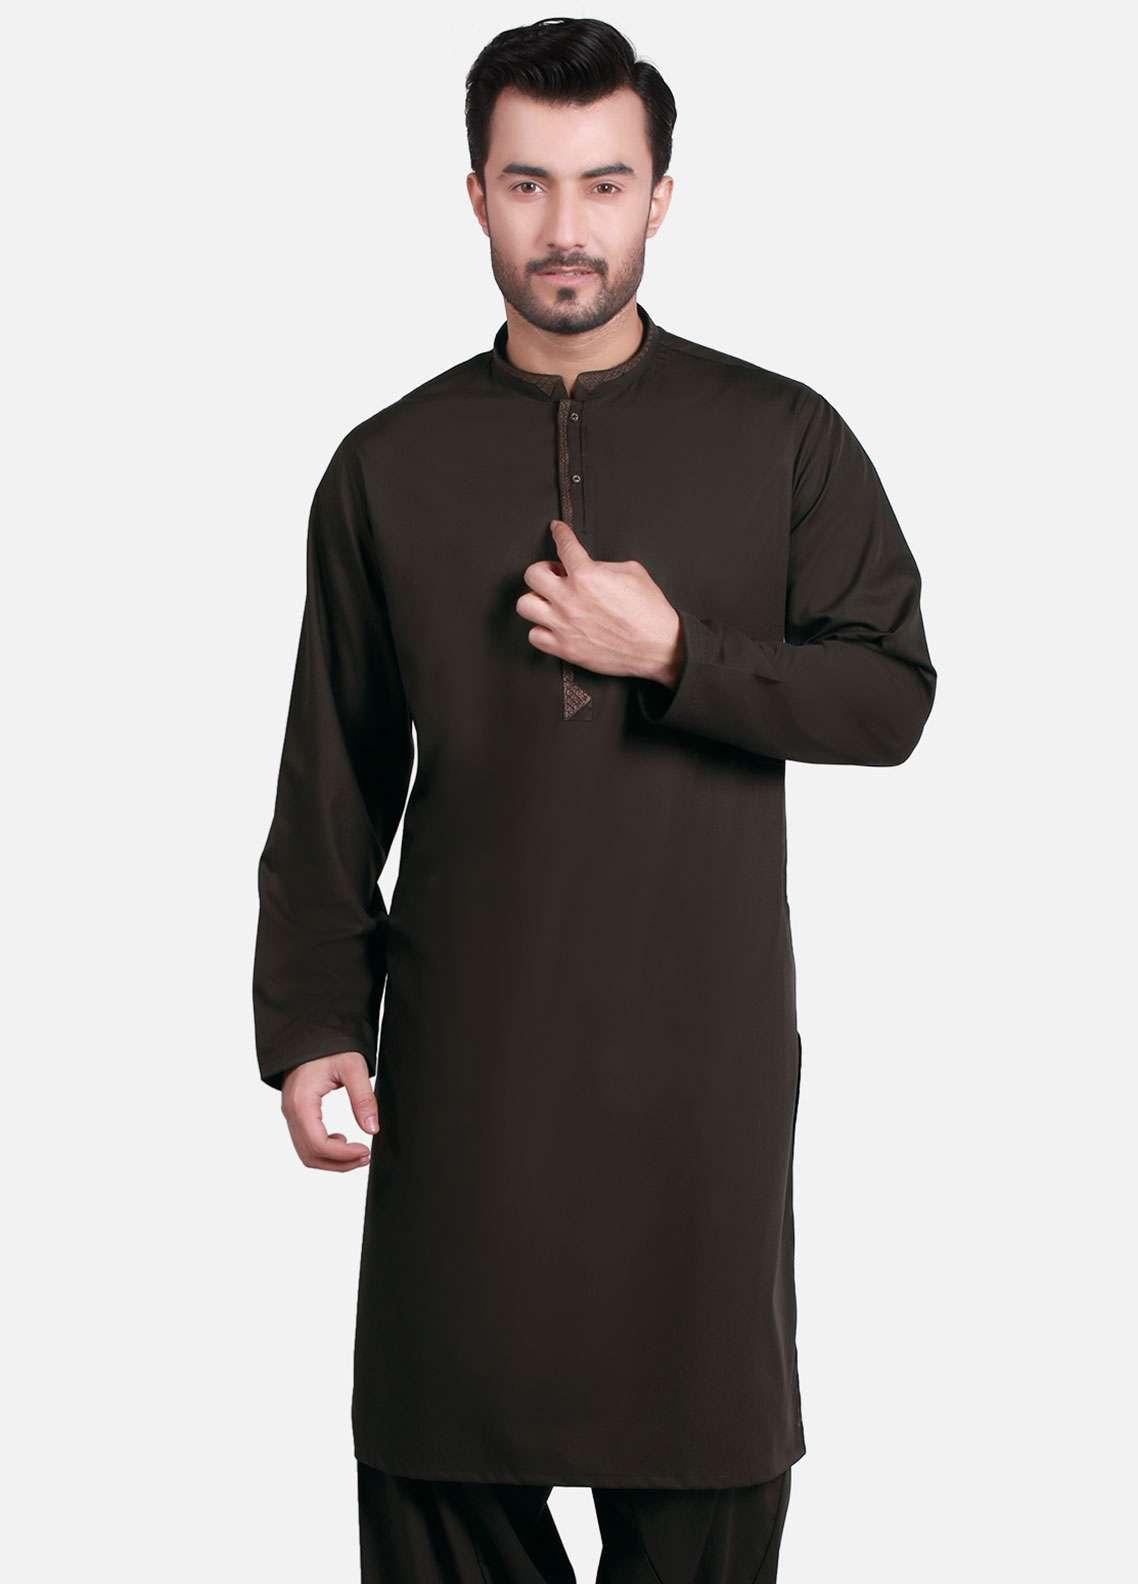 Edenrobe Cotton Formal Kameez Shalwar for Men - Chocolate EMTKS-40729